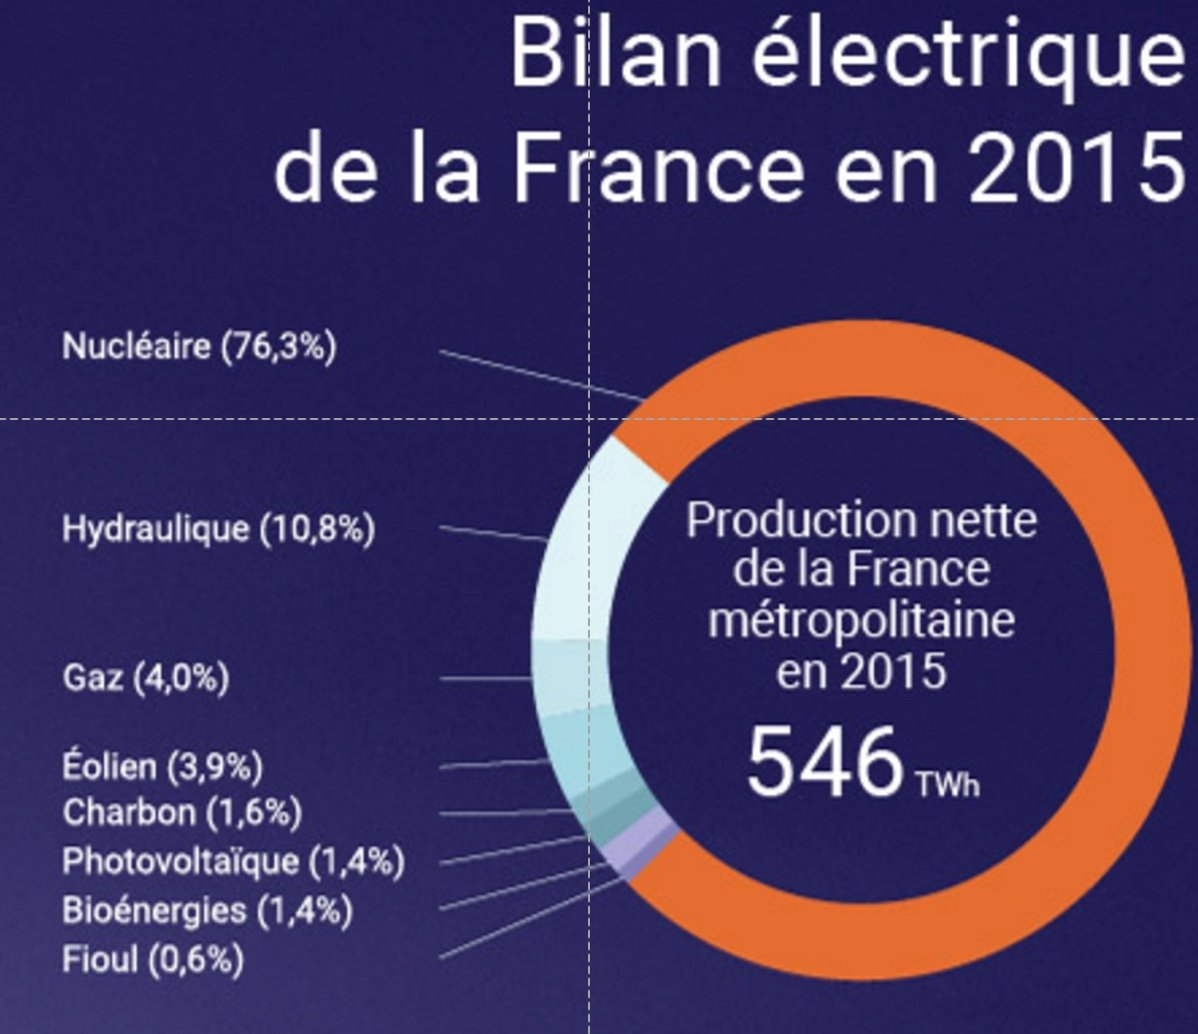 Graphique bilan électrique France 2015